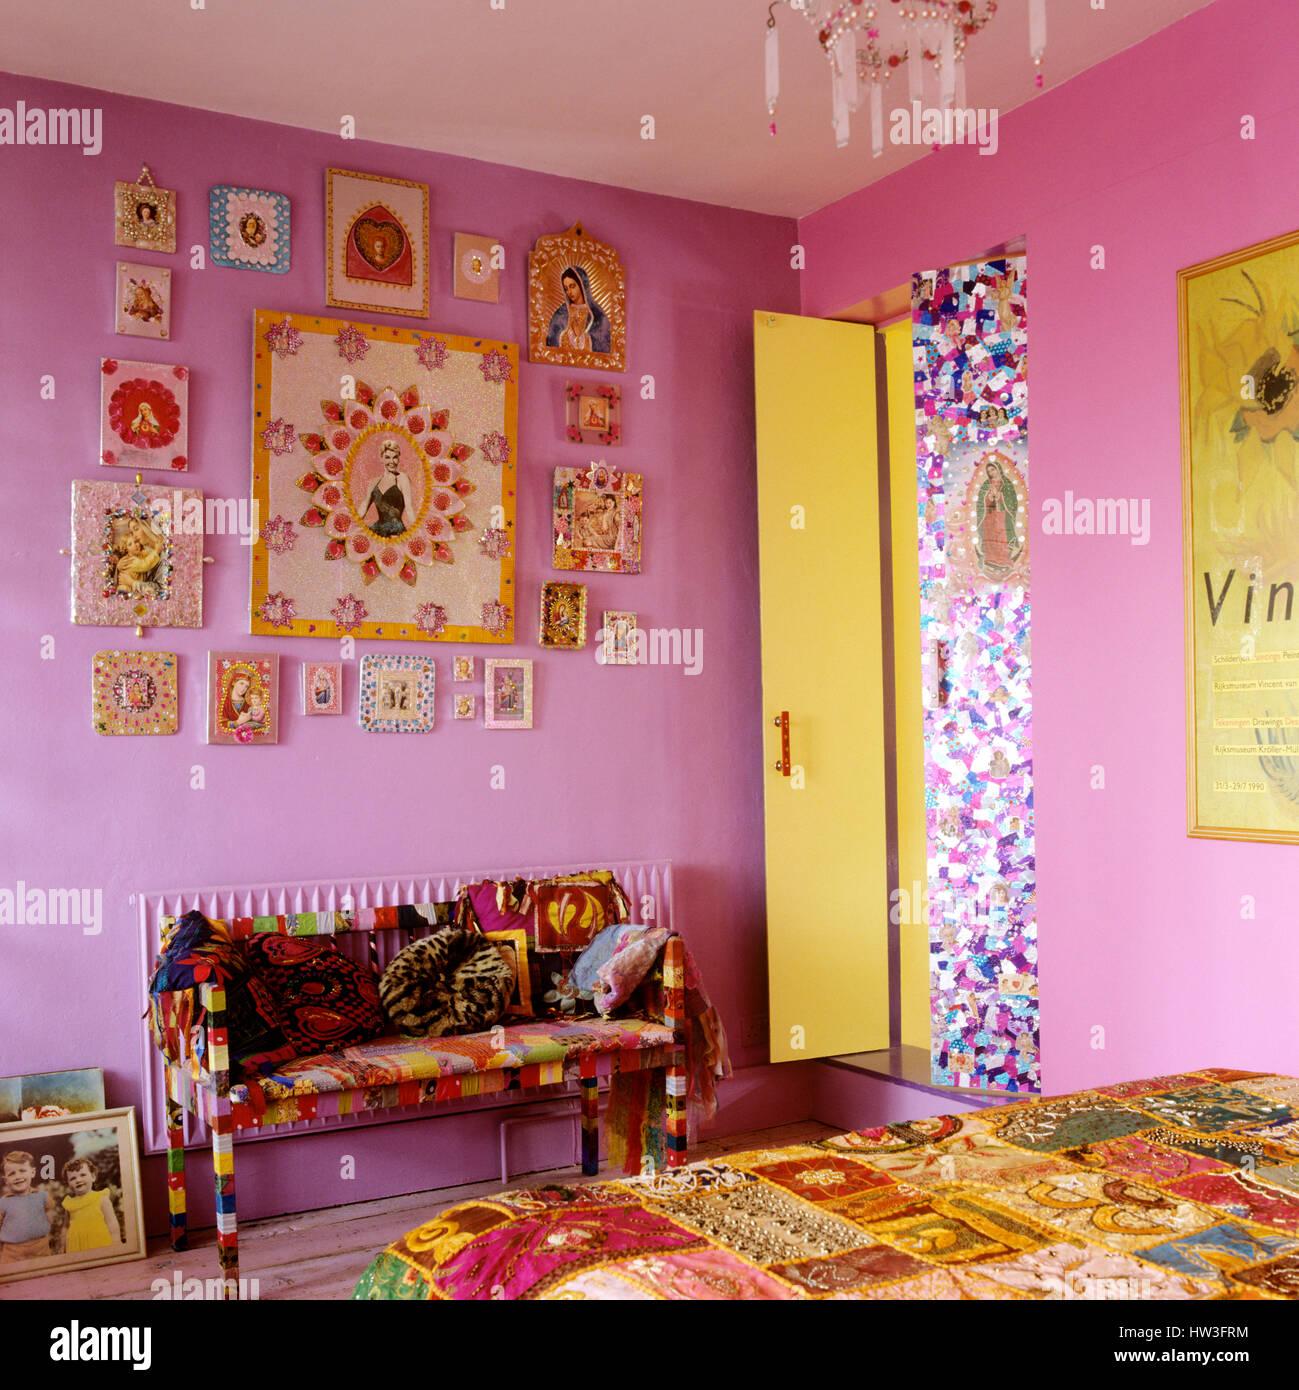 Schlafzimmer Bunt bunte schlafzimmer stockfoto, bild: 135917256 - alamy